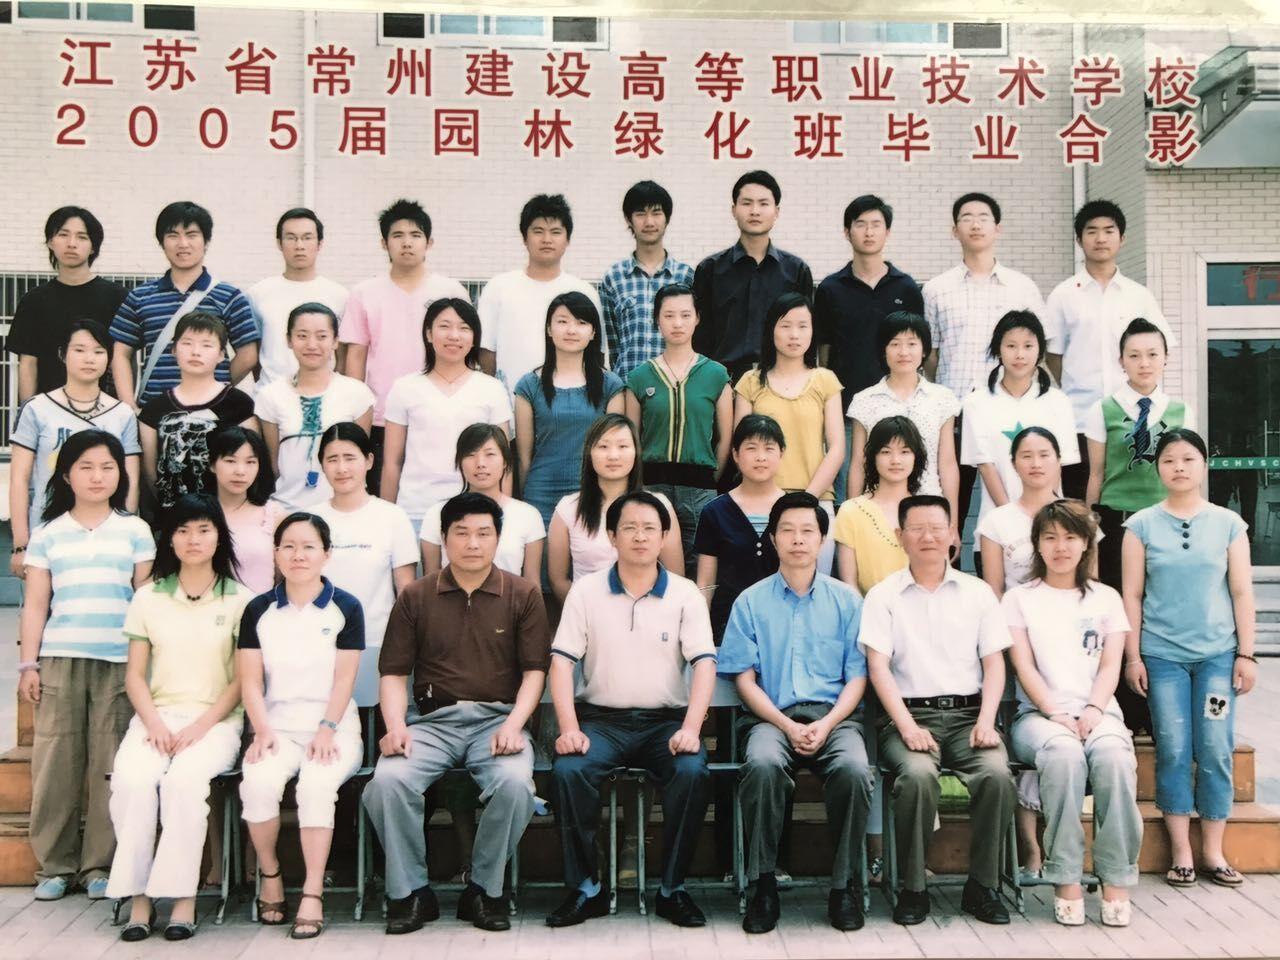 2005届园林绿化班毕业合影